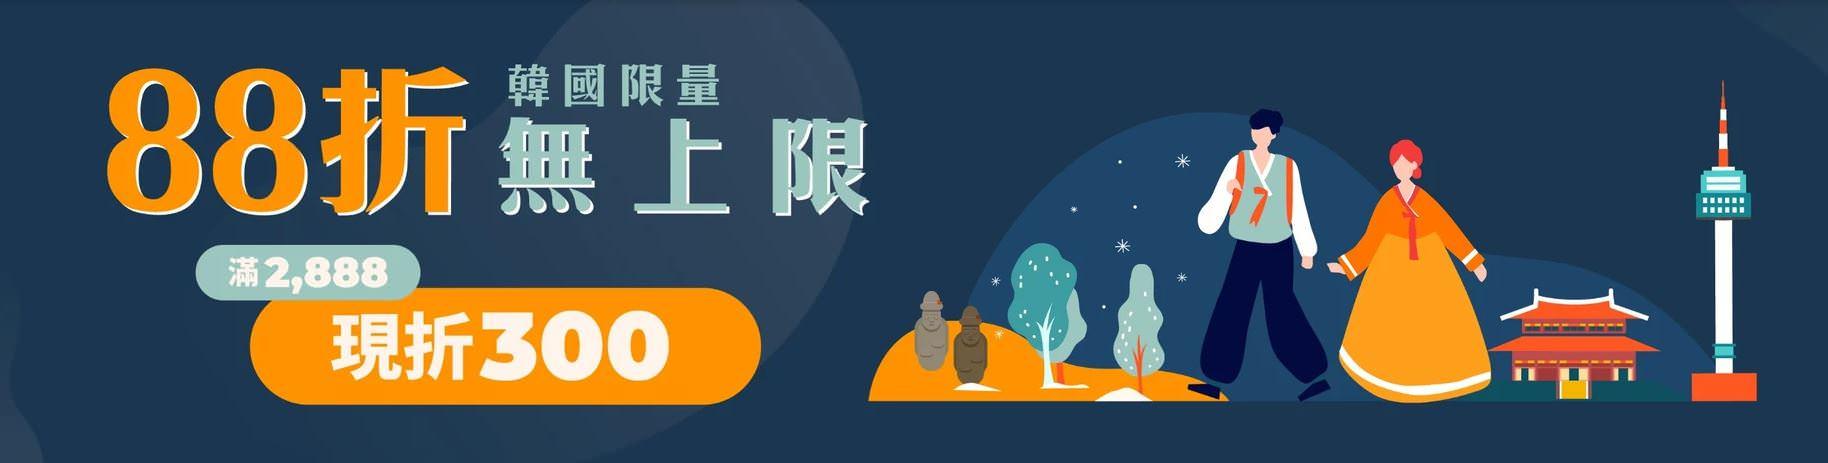 【首爾景點】韓國觀光100選:昌德宮秘苑導覽團預約入園方式 - threeonelee.com